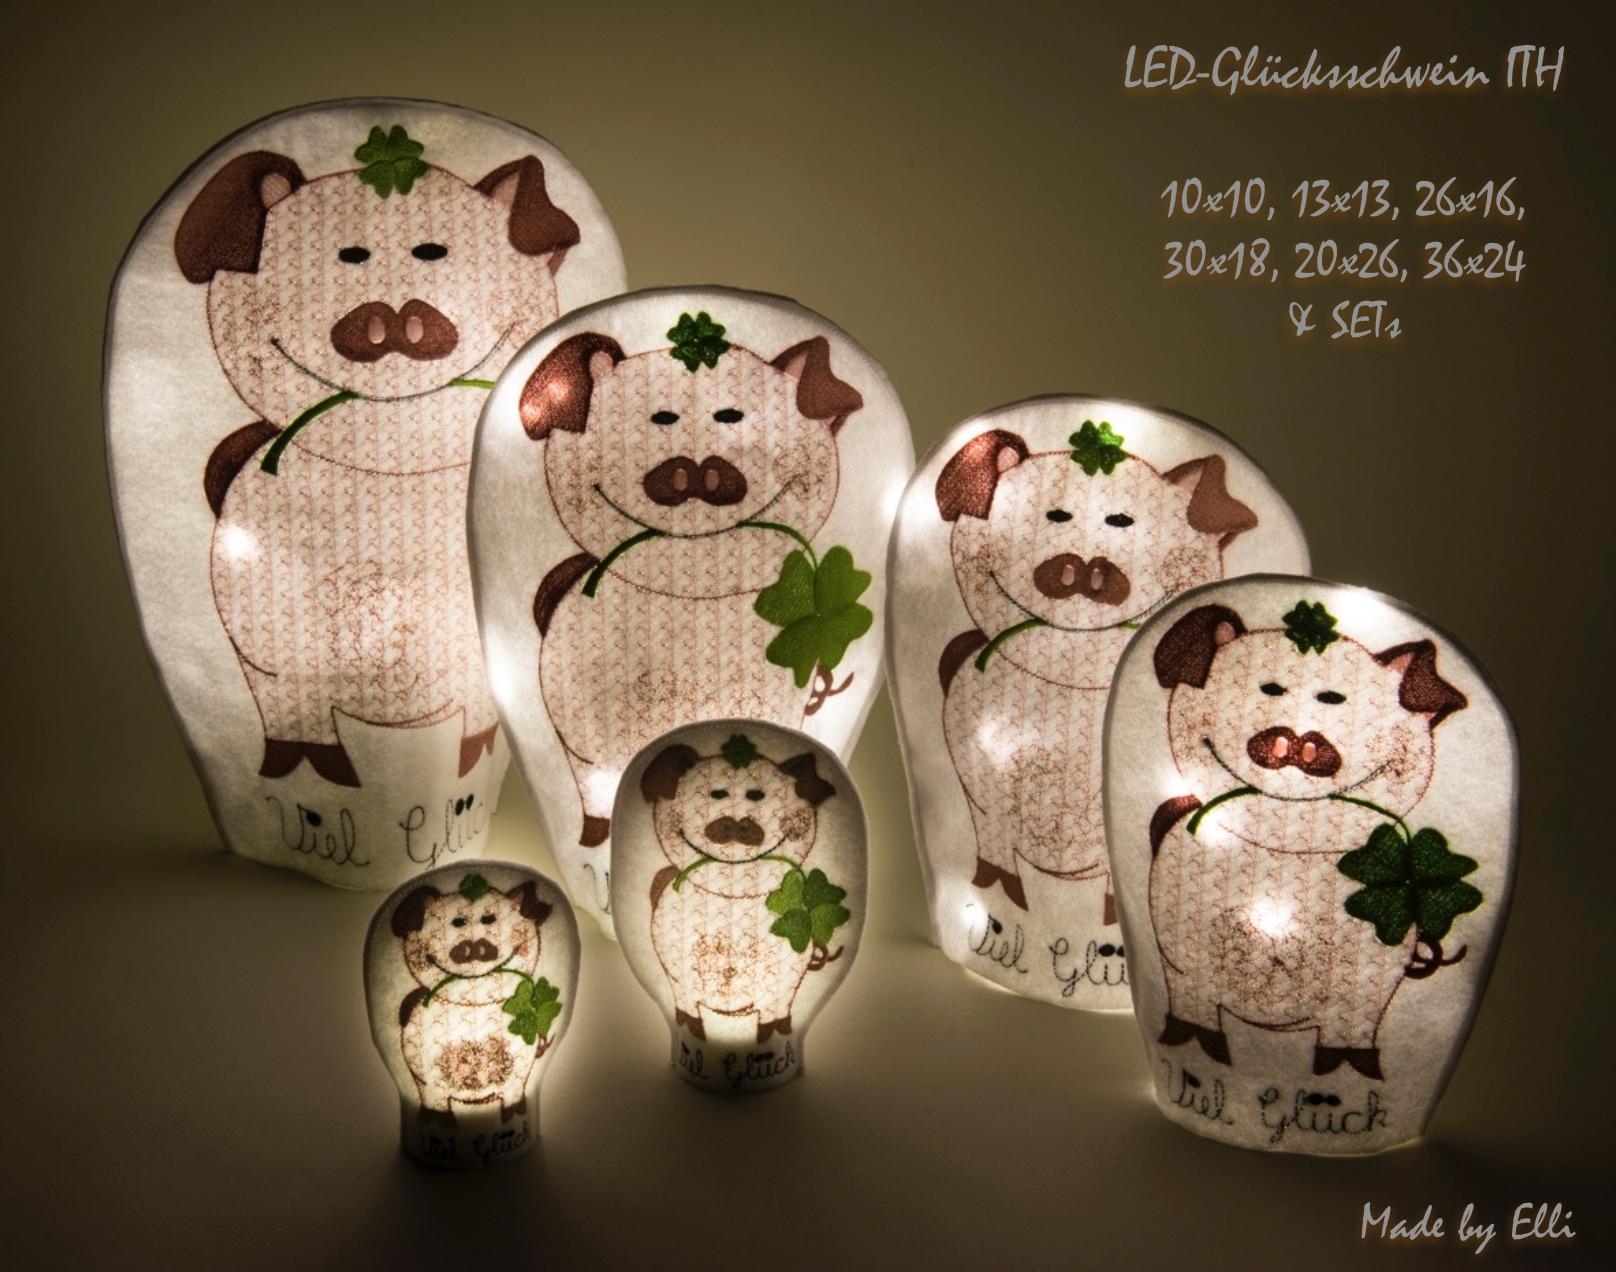 LED-Gluecksschweine